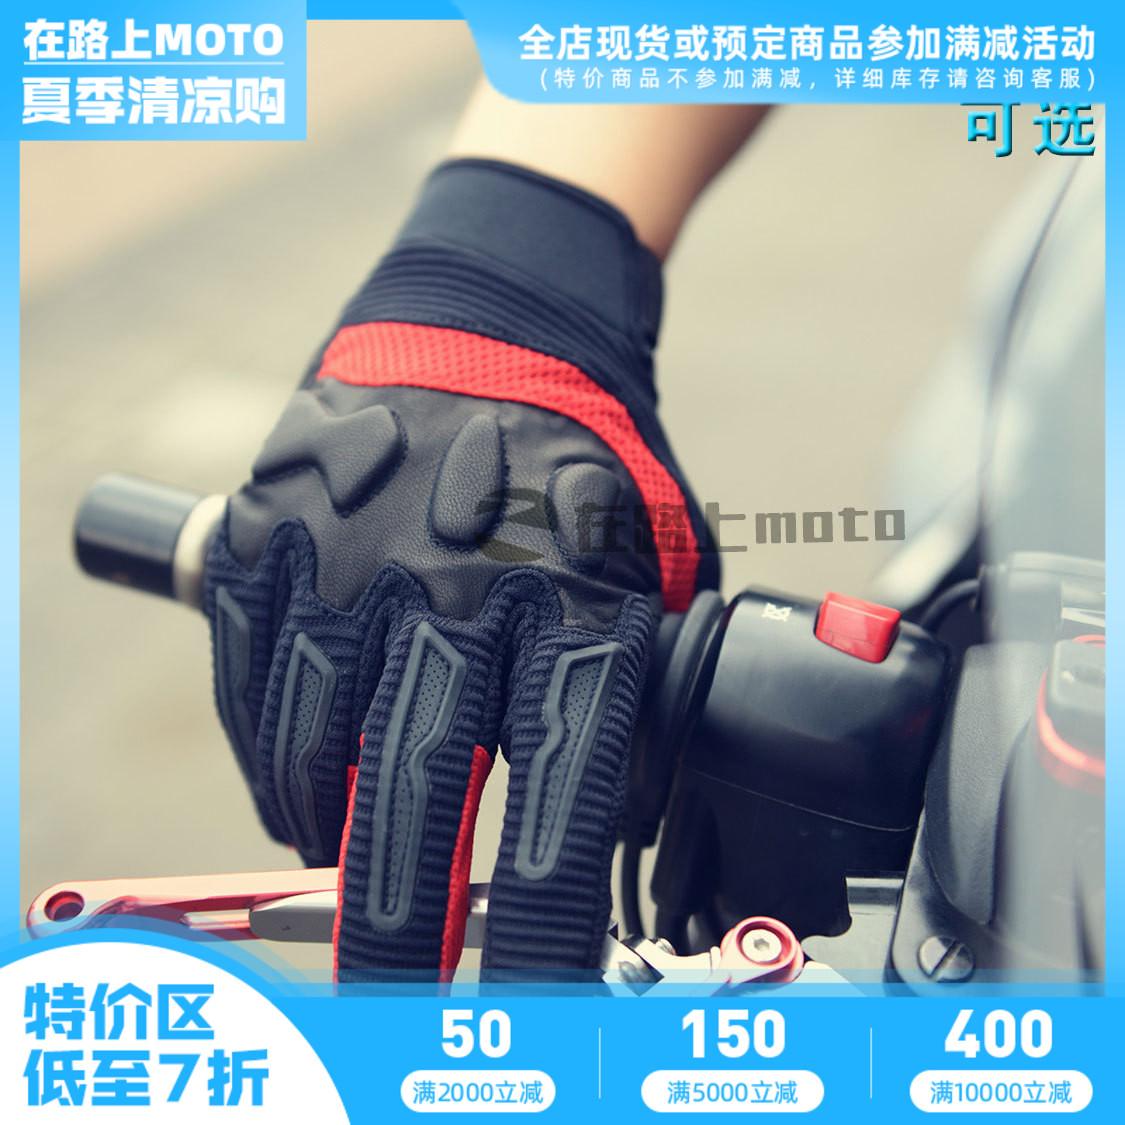 手套|丹尼斯daineseairframe摩托车夏季网眼透气骑行装备现货